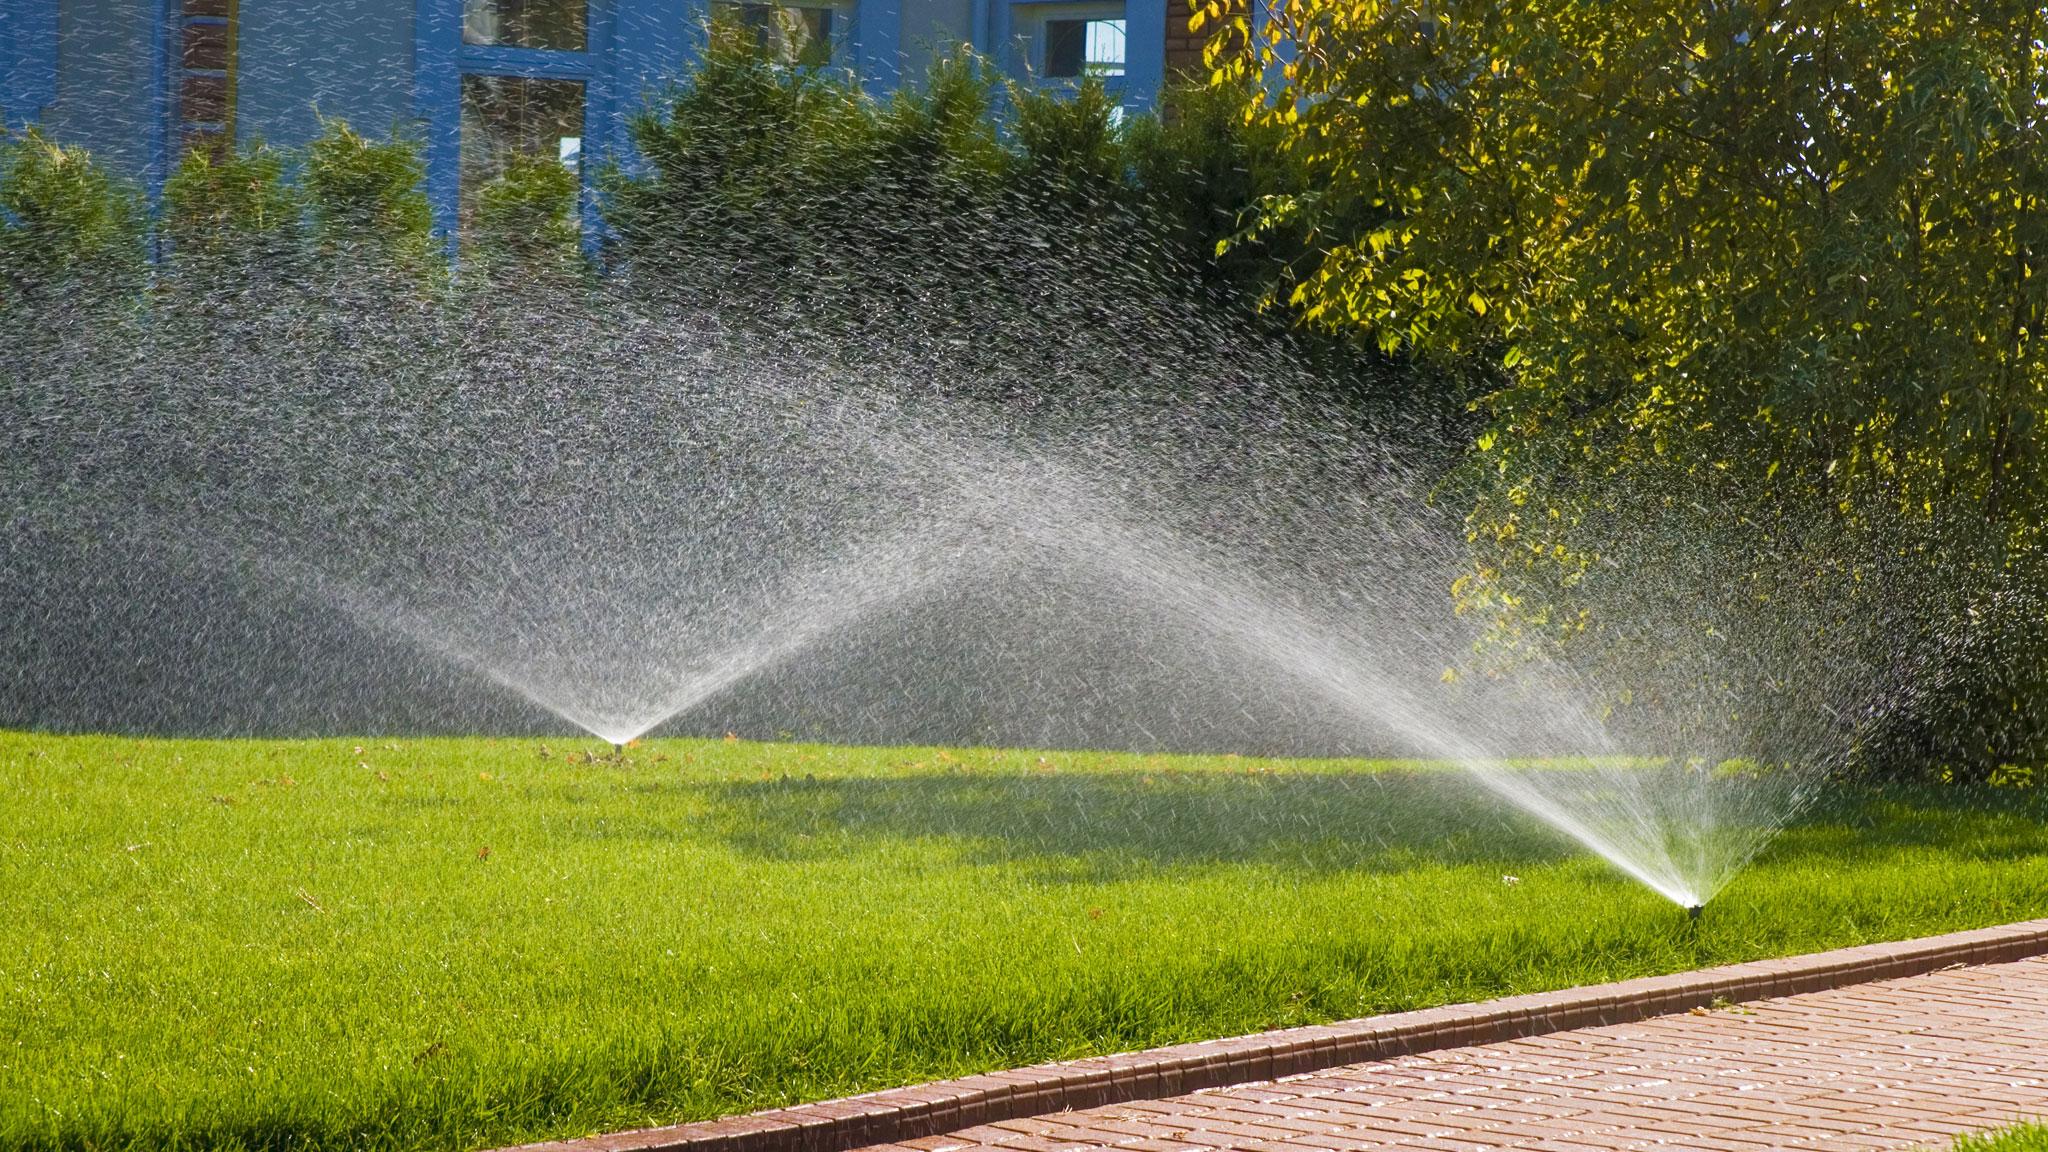 http://www.landwisehort.com/wp-content/uploads/2021/01/sprinklers1.jpg